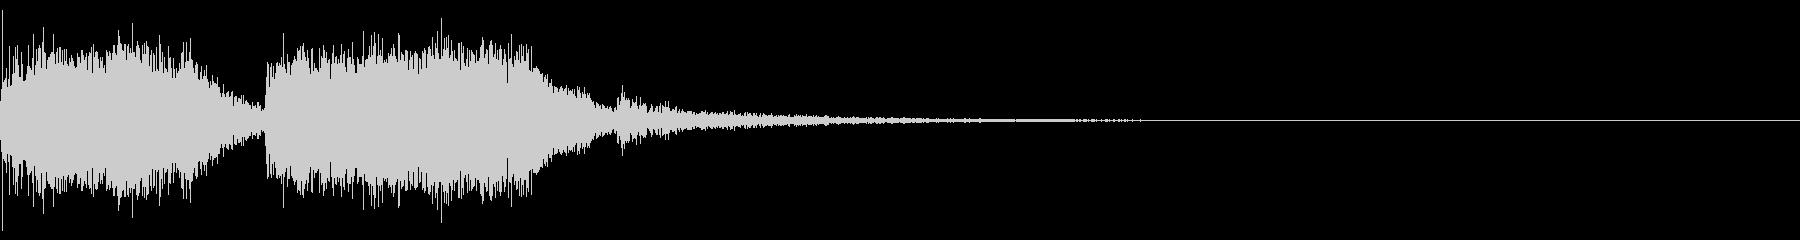 テーレッテレー2/レベルアップ、クリア時の未再生の波形